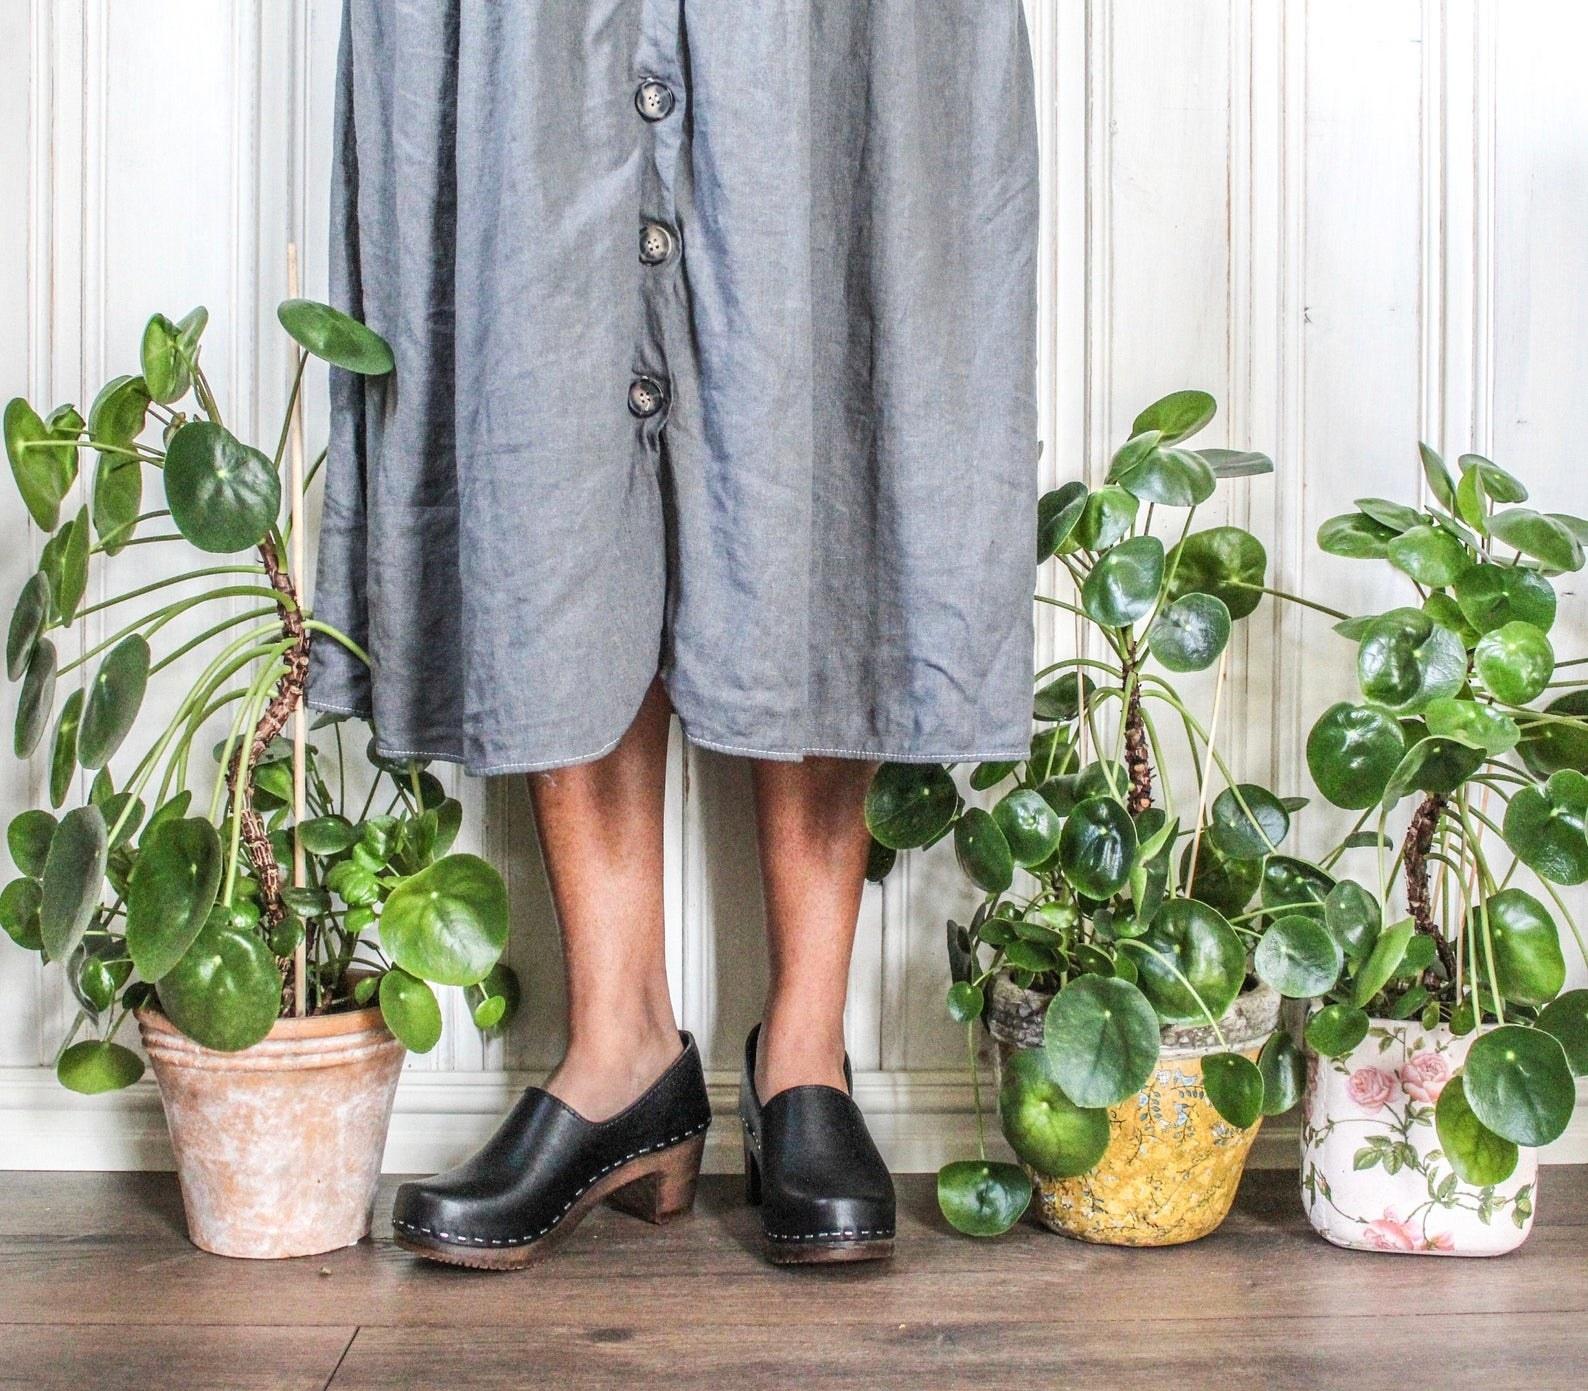 Model wearing clogs